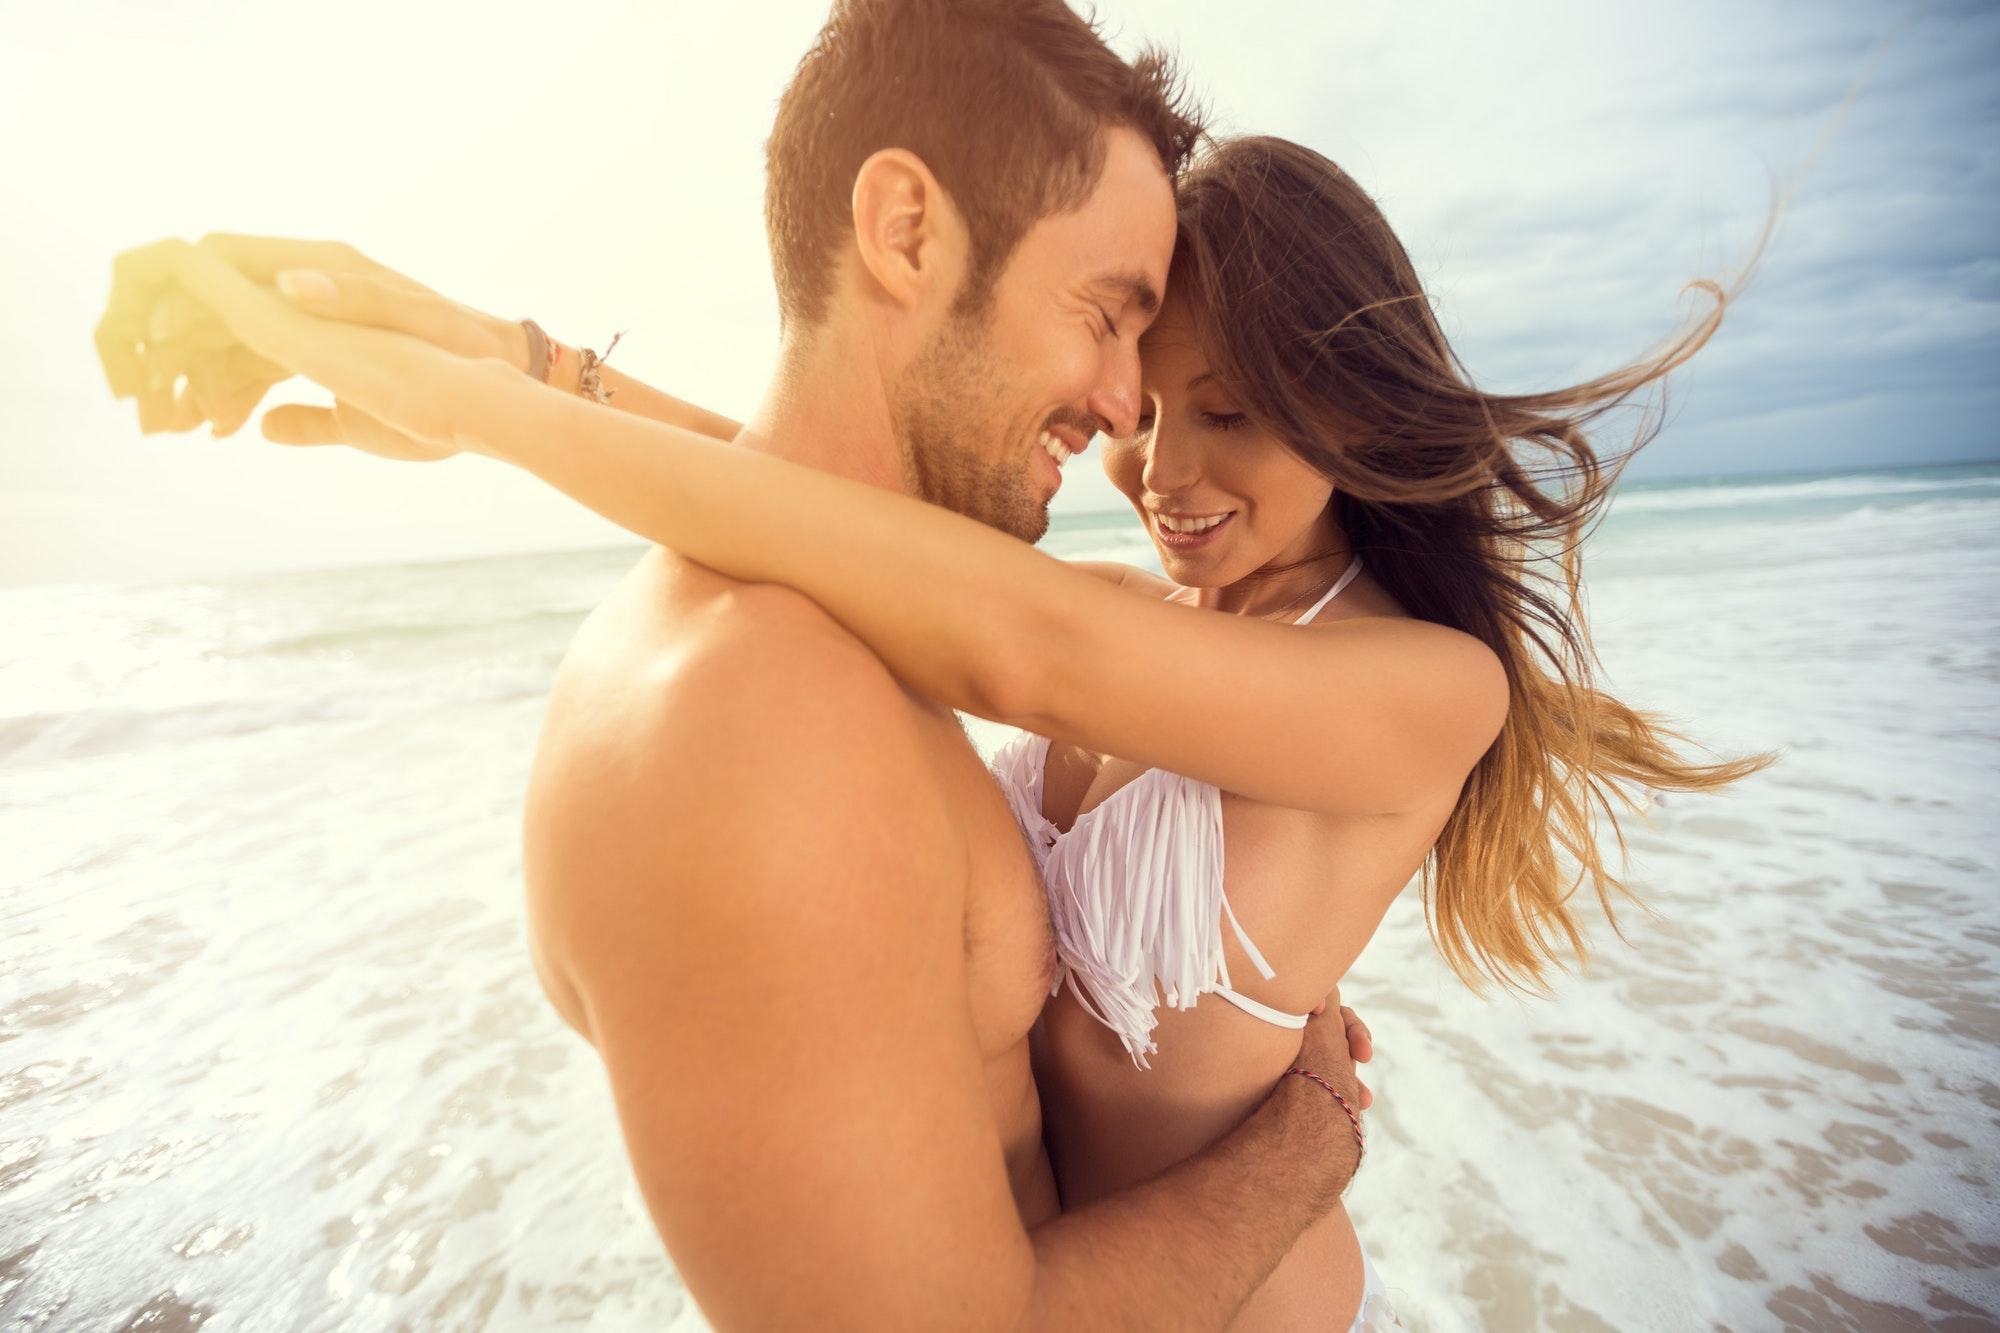 Spełnienie w związku - szczęście w związku 7